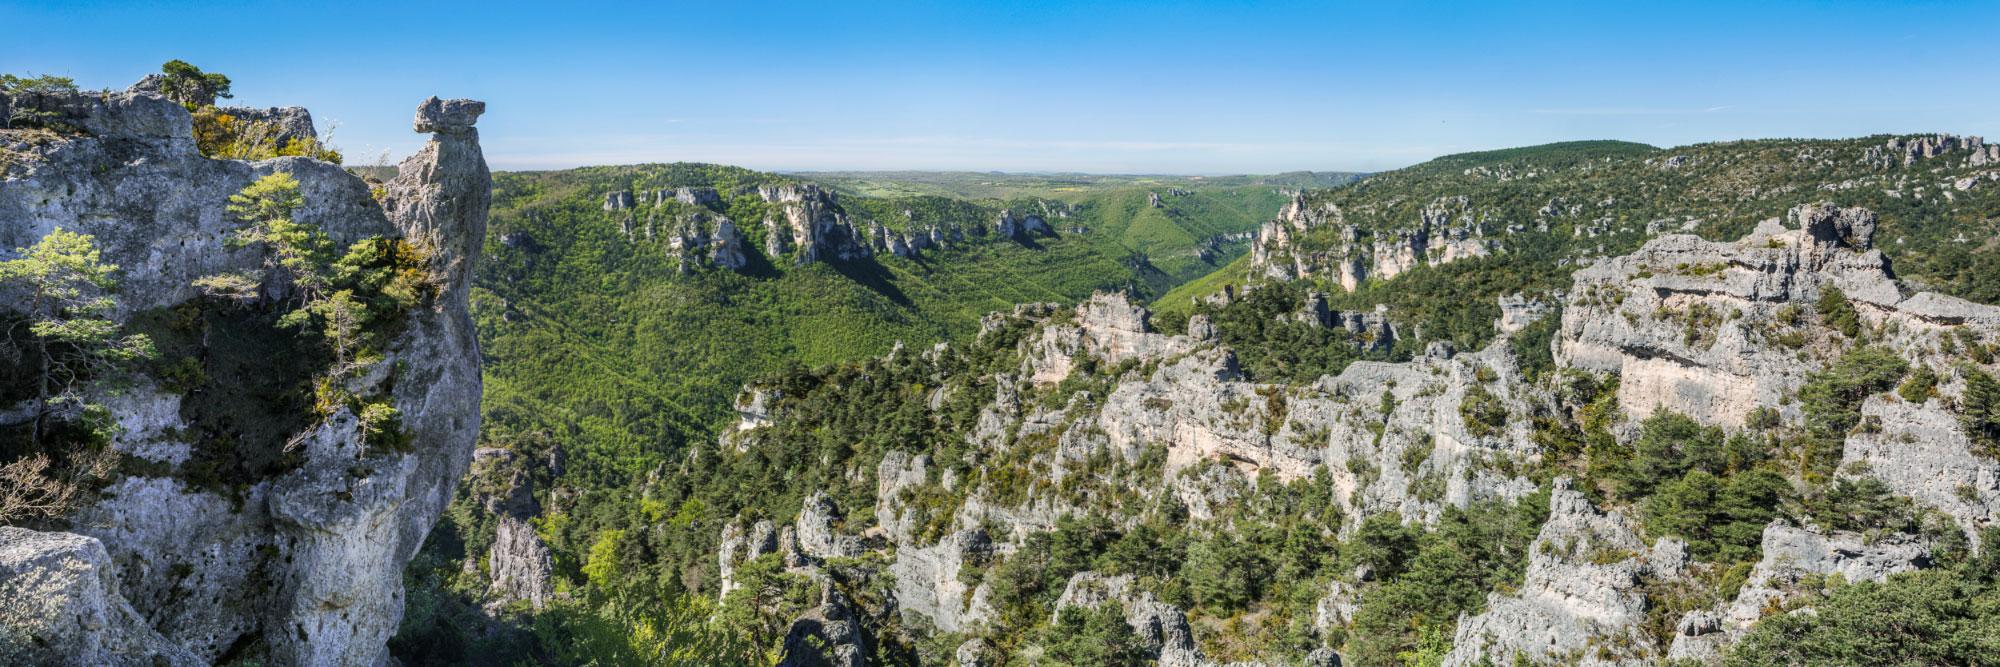 Rochers ruiniformes du chaos de Montpellier-le-Vieux, Causse Noir